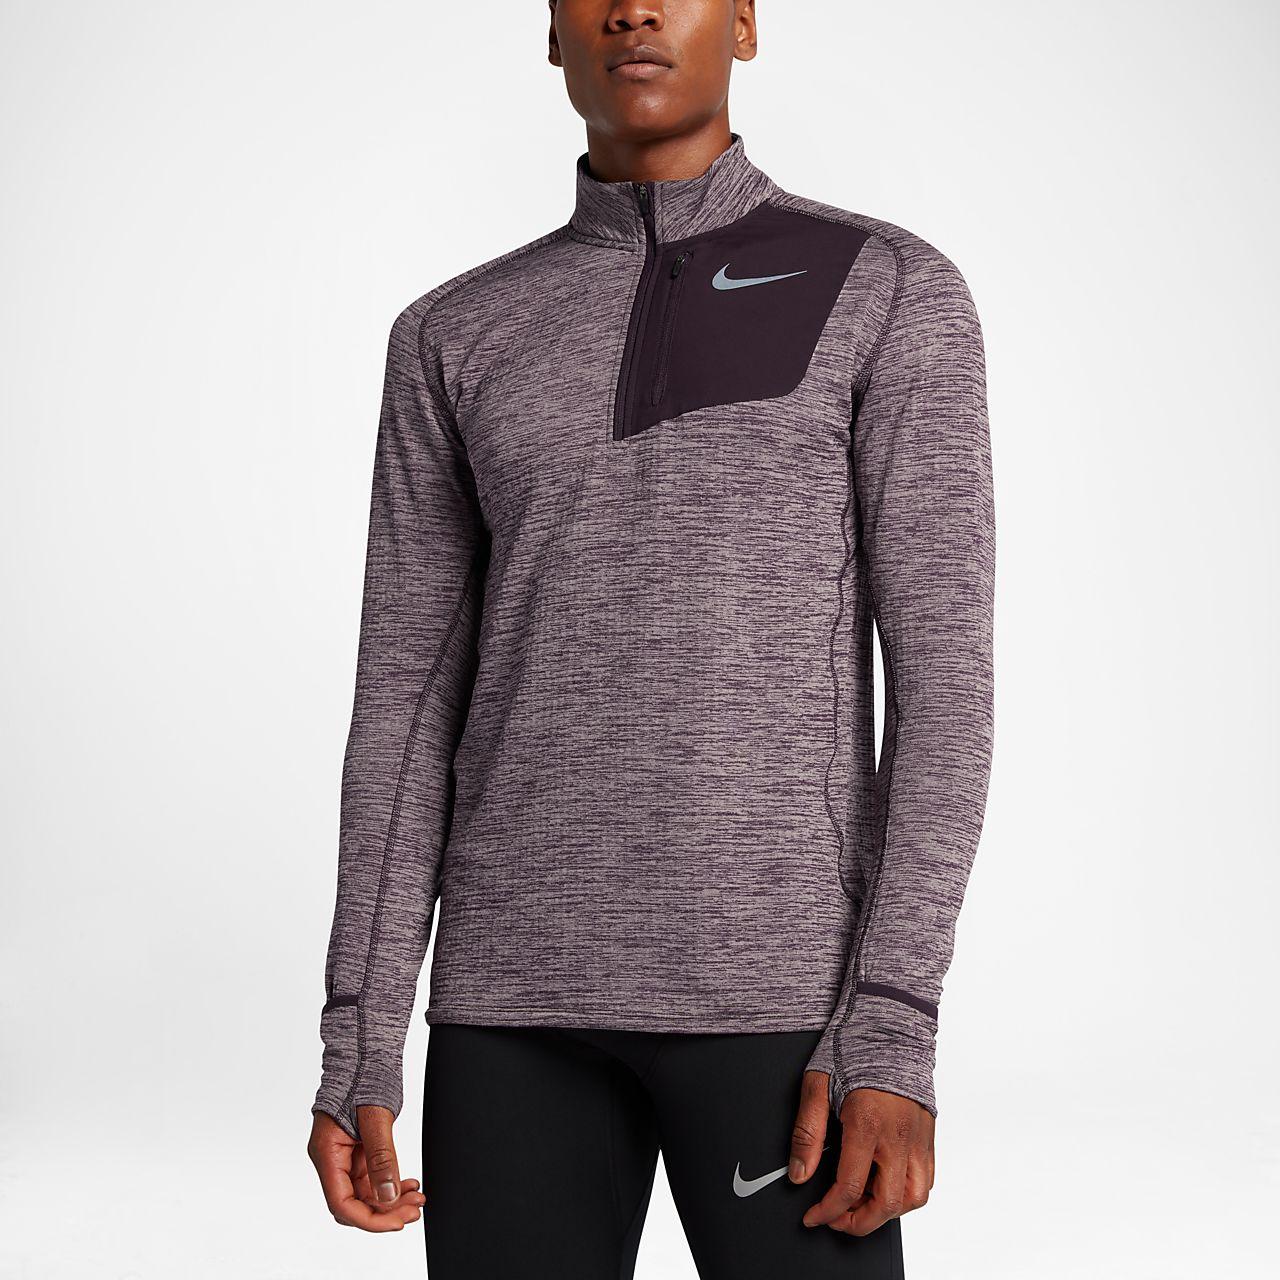 THERMA SPHERE ELEMENT TOP LONG SLEEVE - CAMISETAS Y TOPS - Camisetas Nike MeUxrt